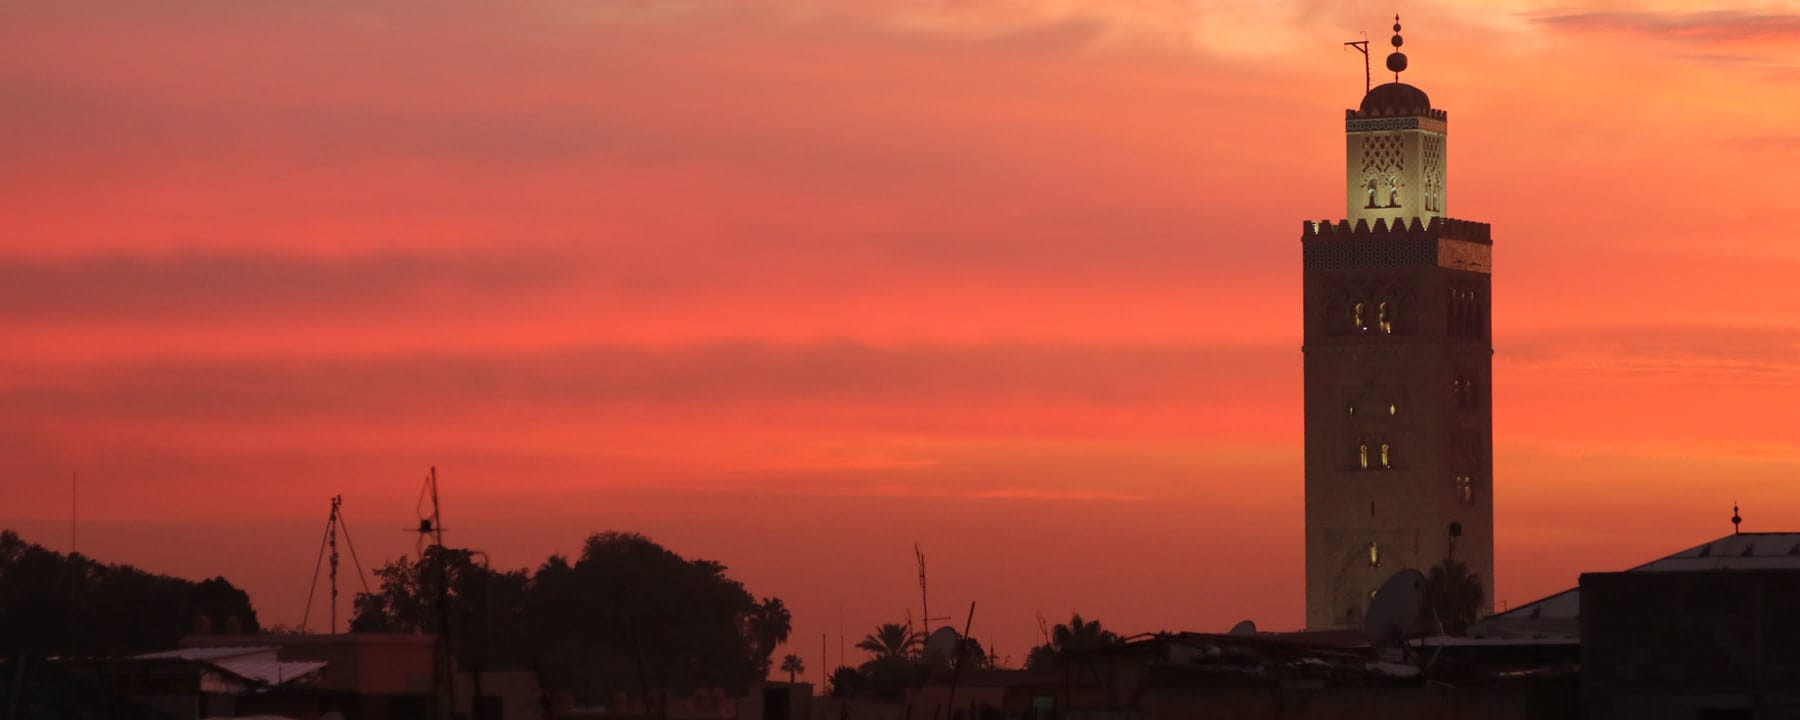 marrakesh-sunset_source-markus-spona-for-nosade